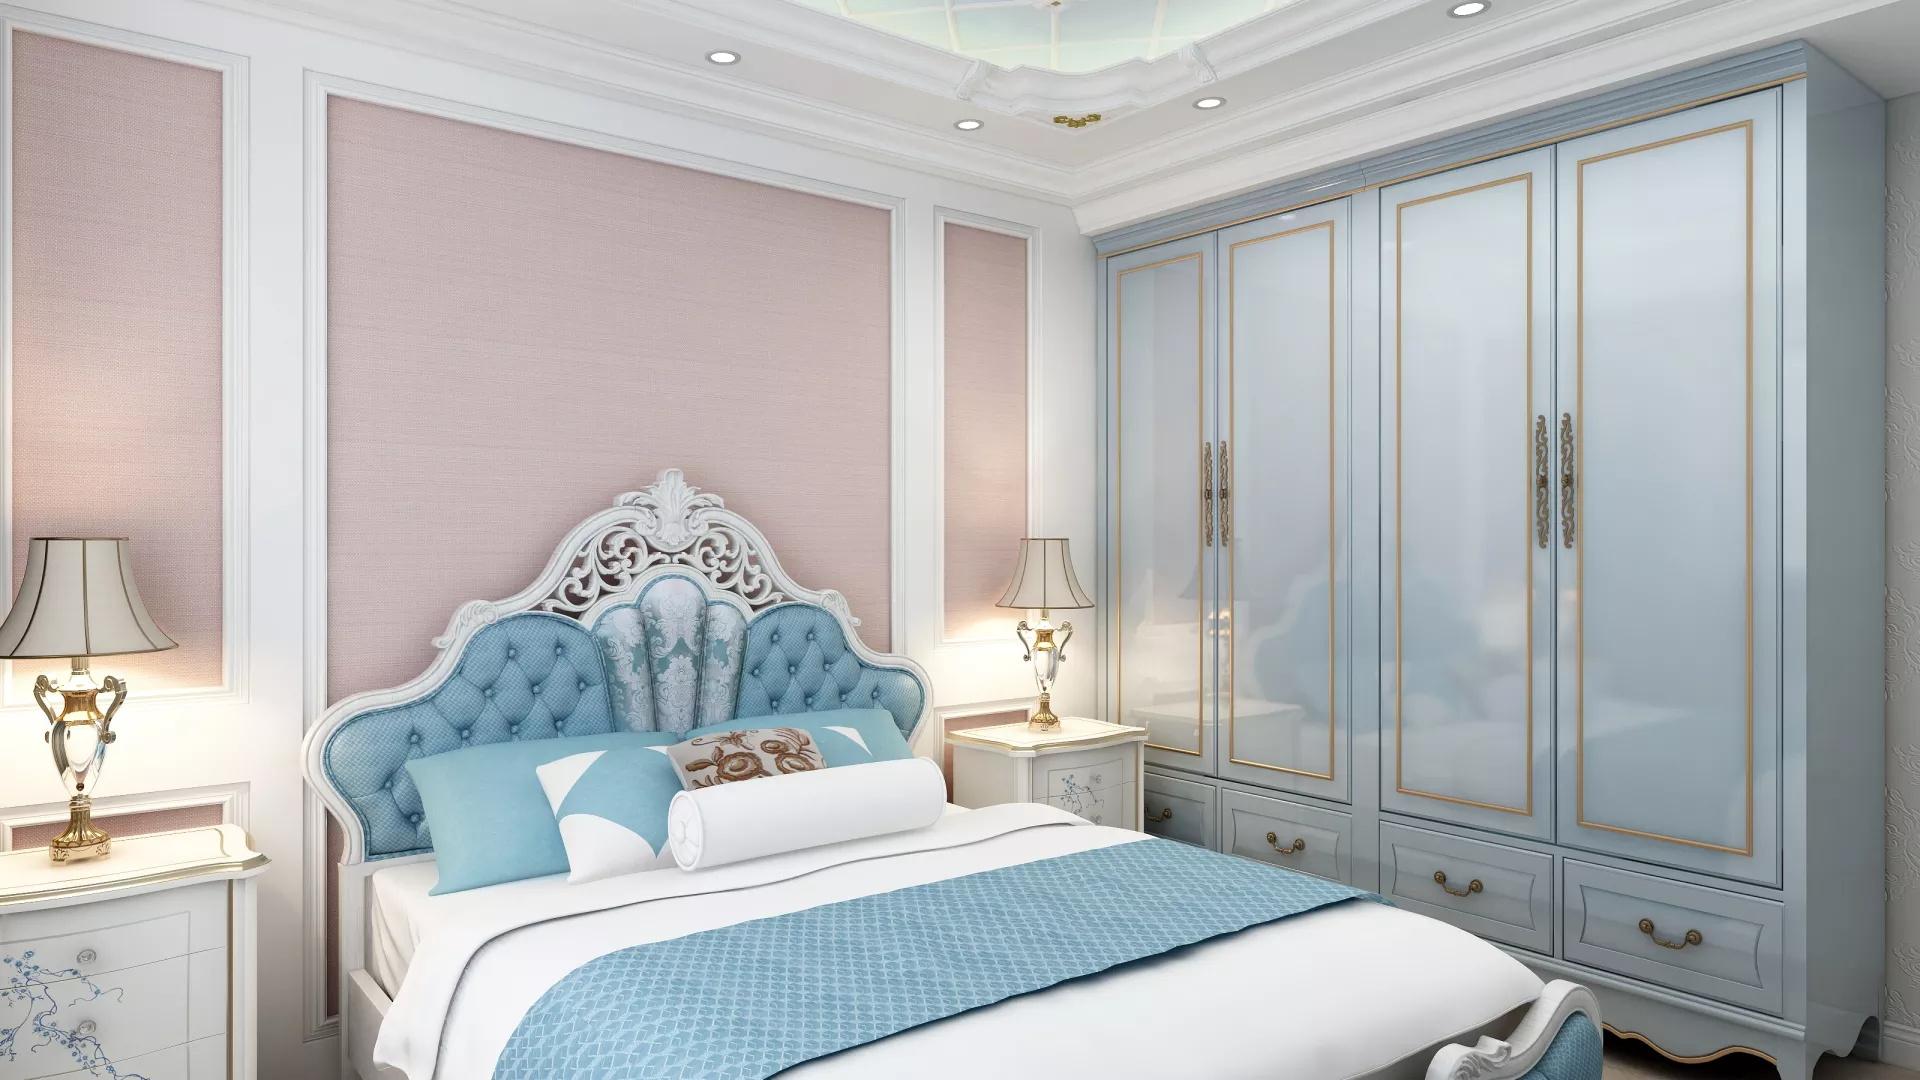 室内客厅装修的经验总结 室内客厅装修的常识